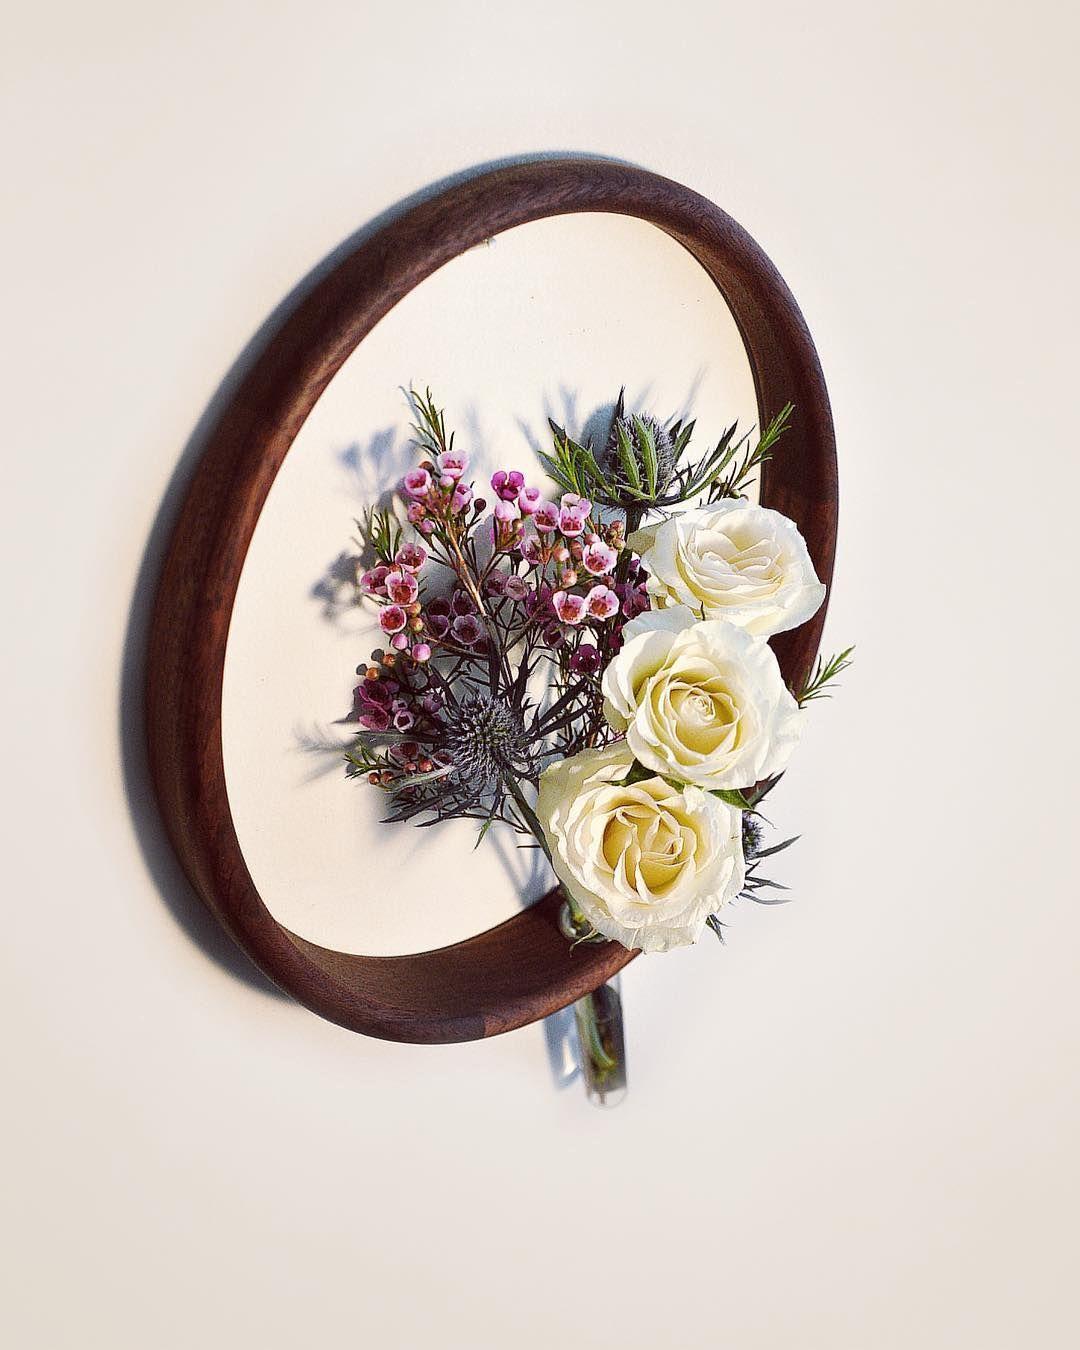 Minimalistic Wood Circle Vases on Wall – Fubiz Media